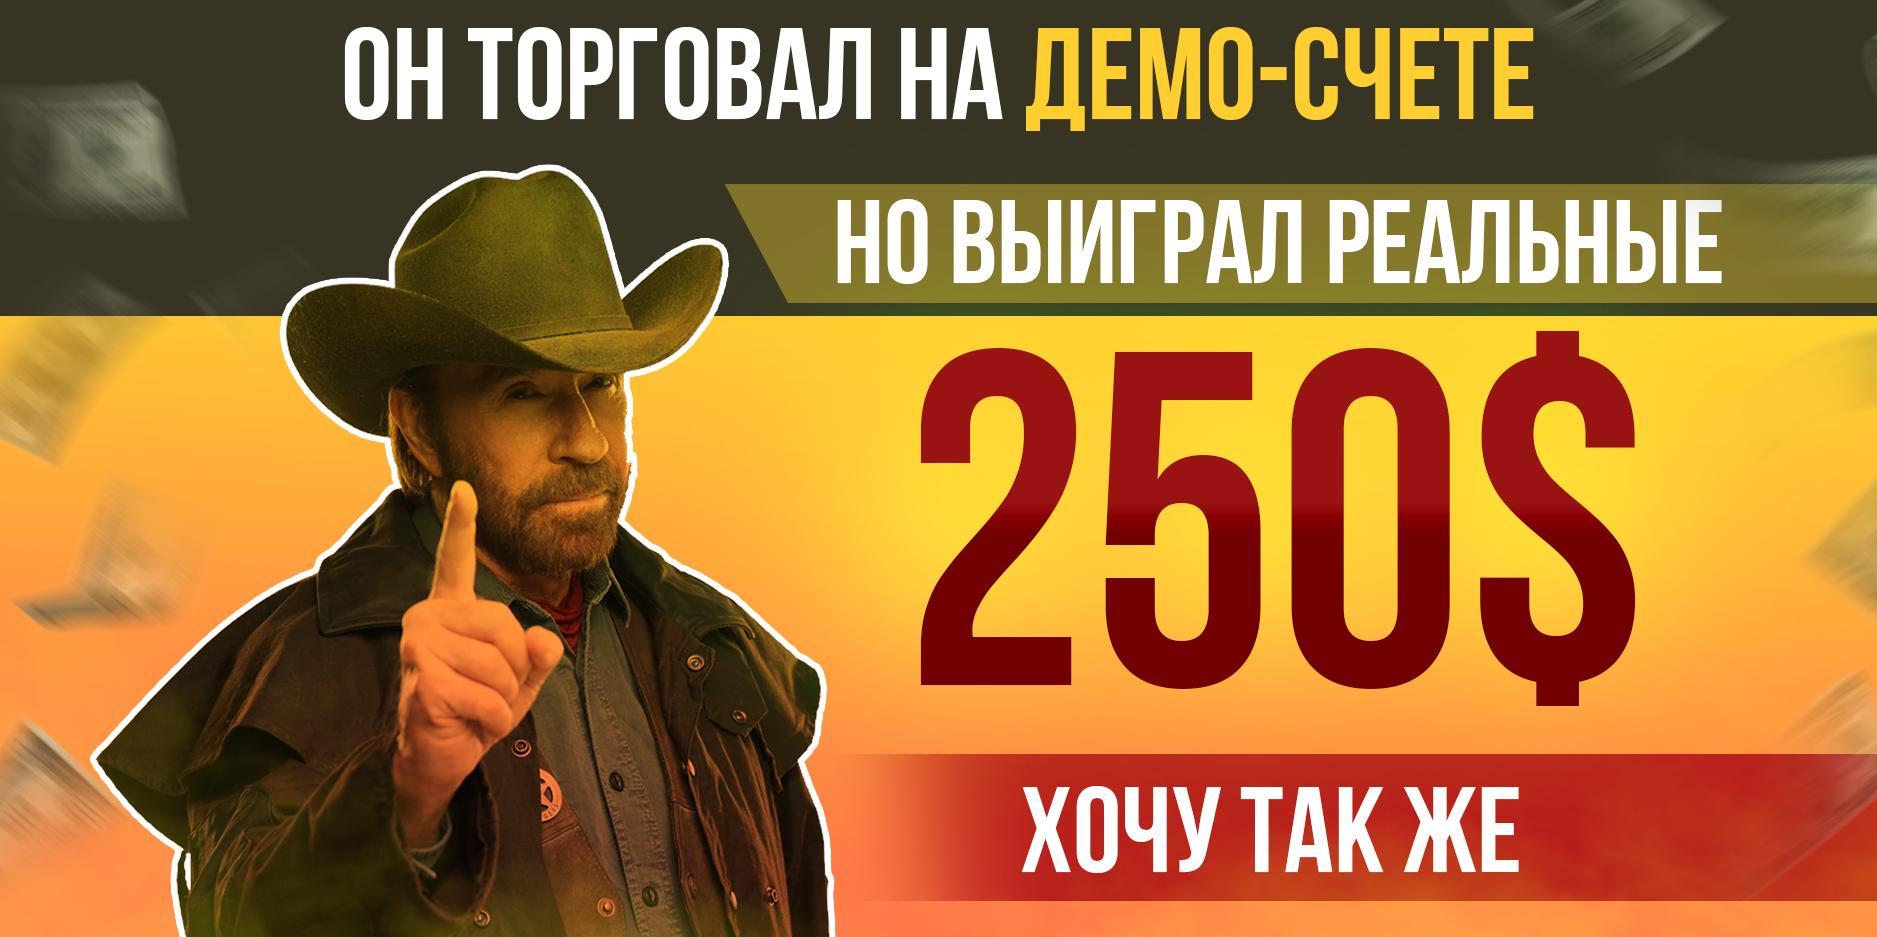 Попап по конкурсу демо-счетов по ручной торговле Чак